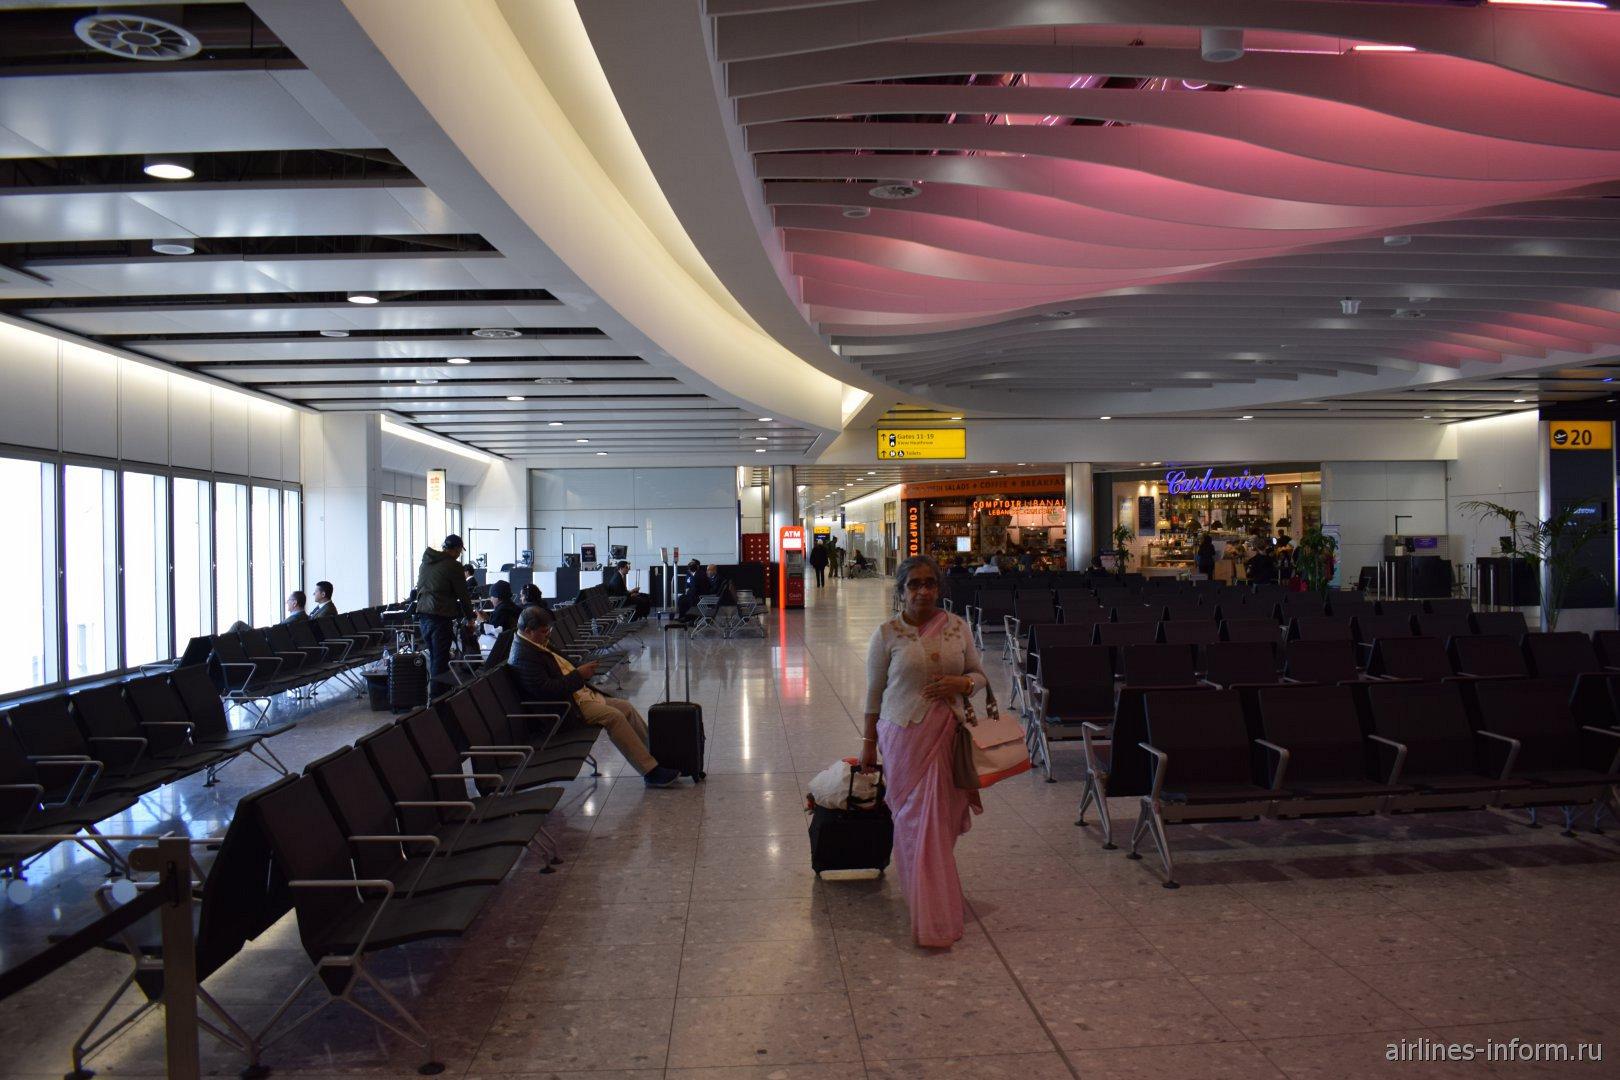 Залы ожидания в чистой зоне терминала 4 аэропорта Лондон Хитроу